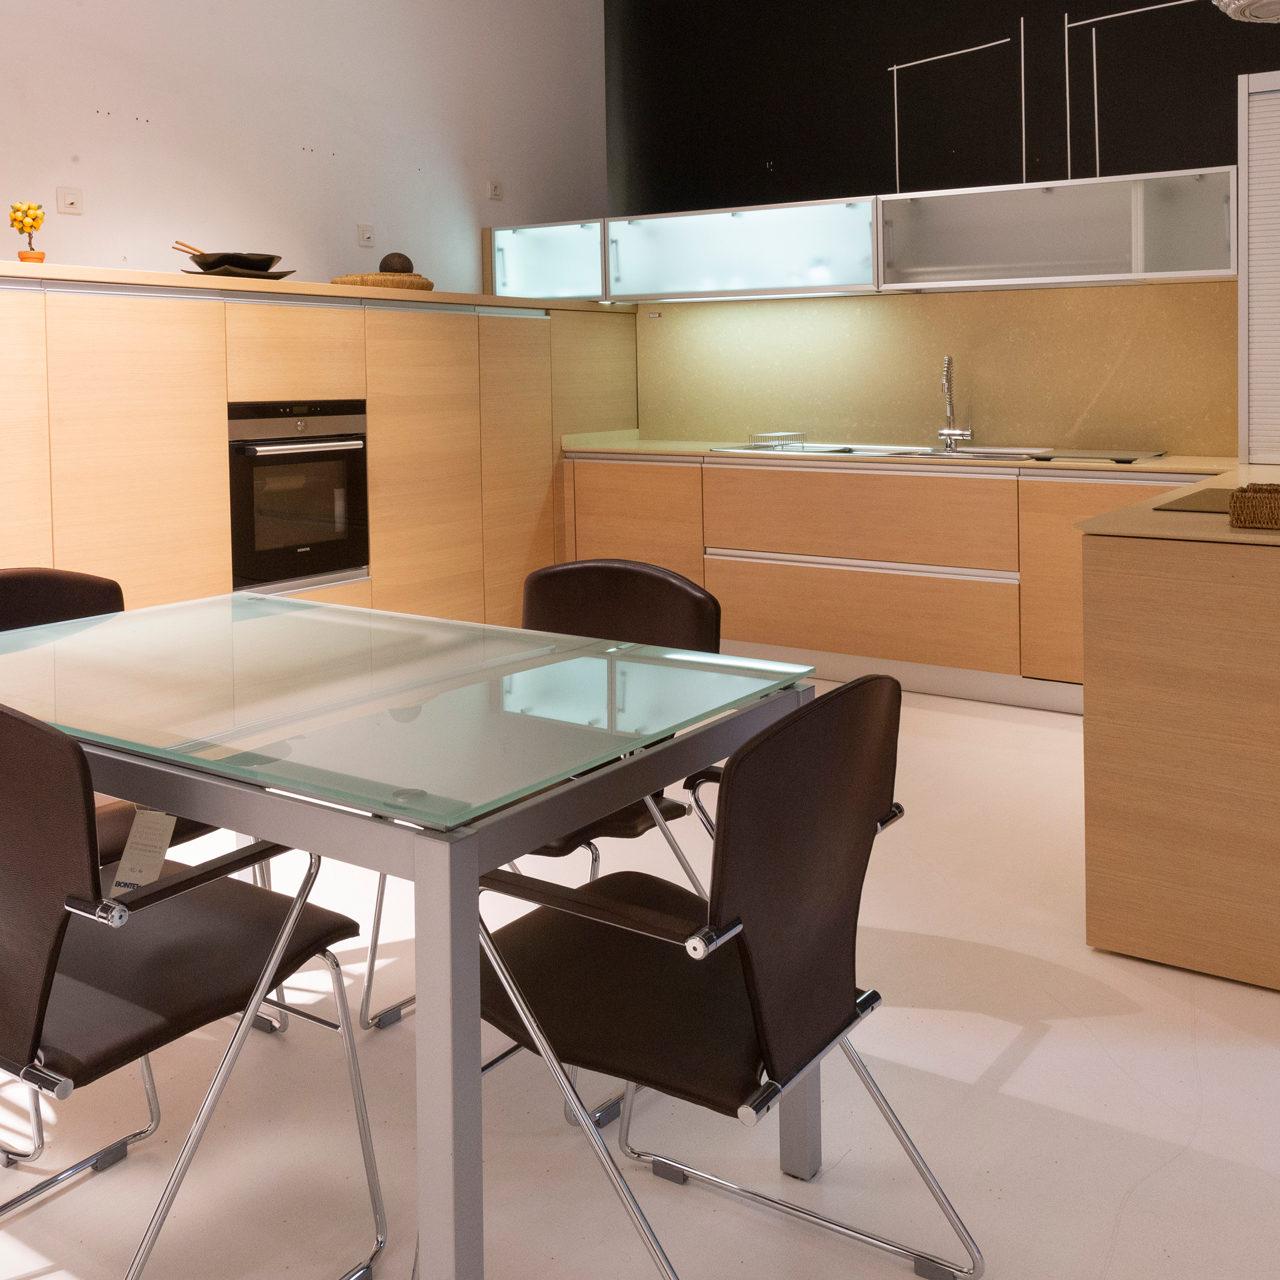 mueble-cocina-mitica-5-1